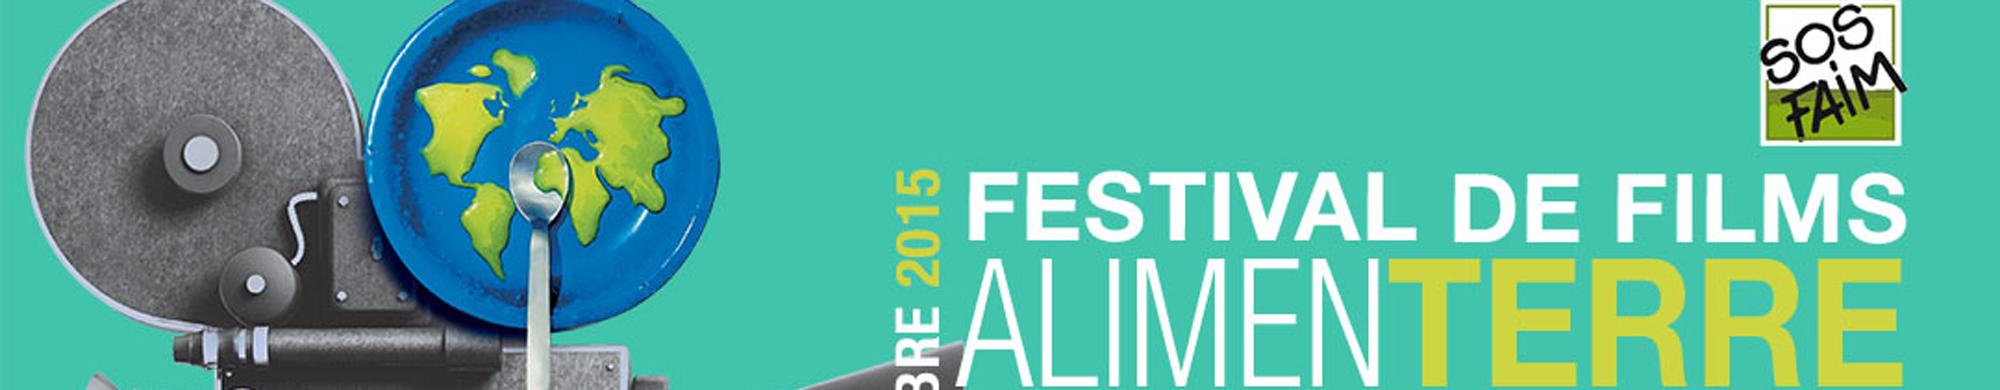 Le Festival de Films AlimenTERRE dévoile sa sélection de films